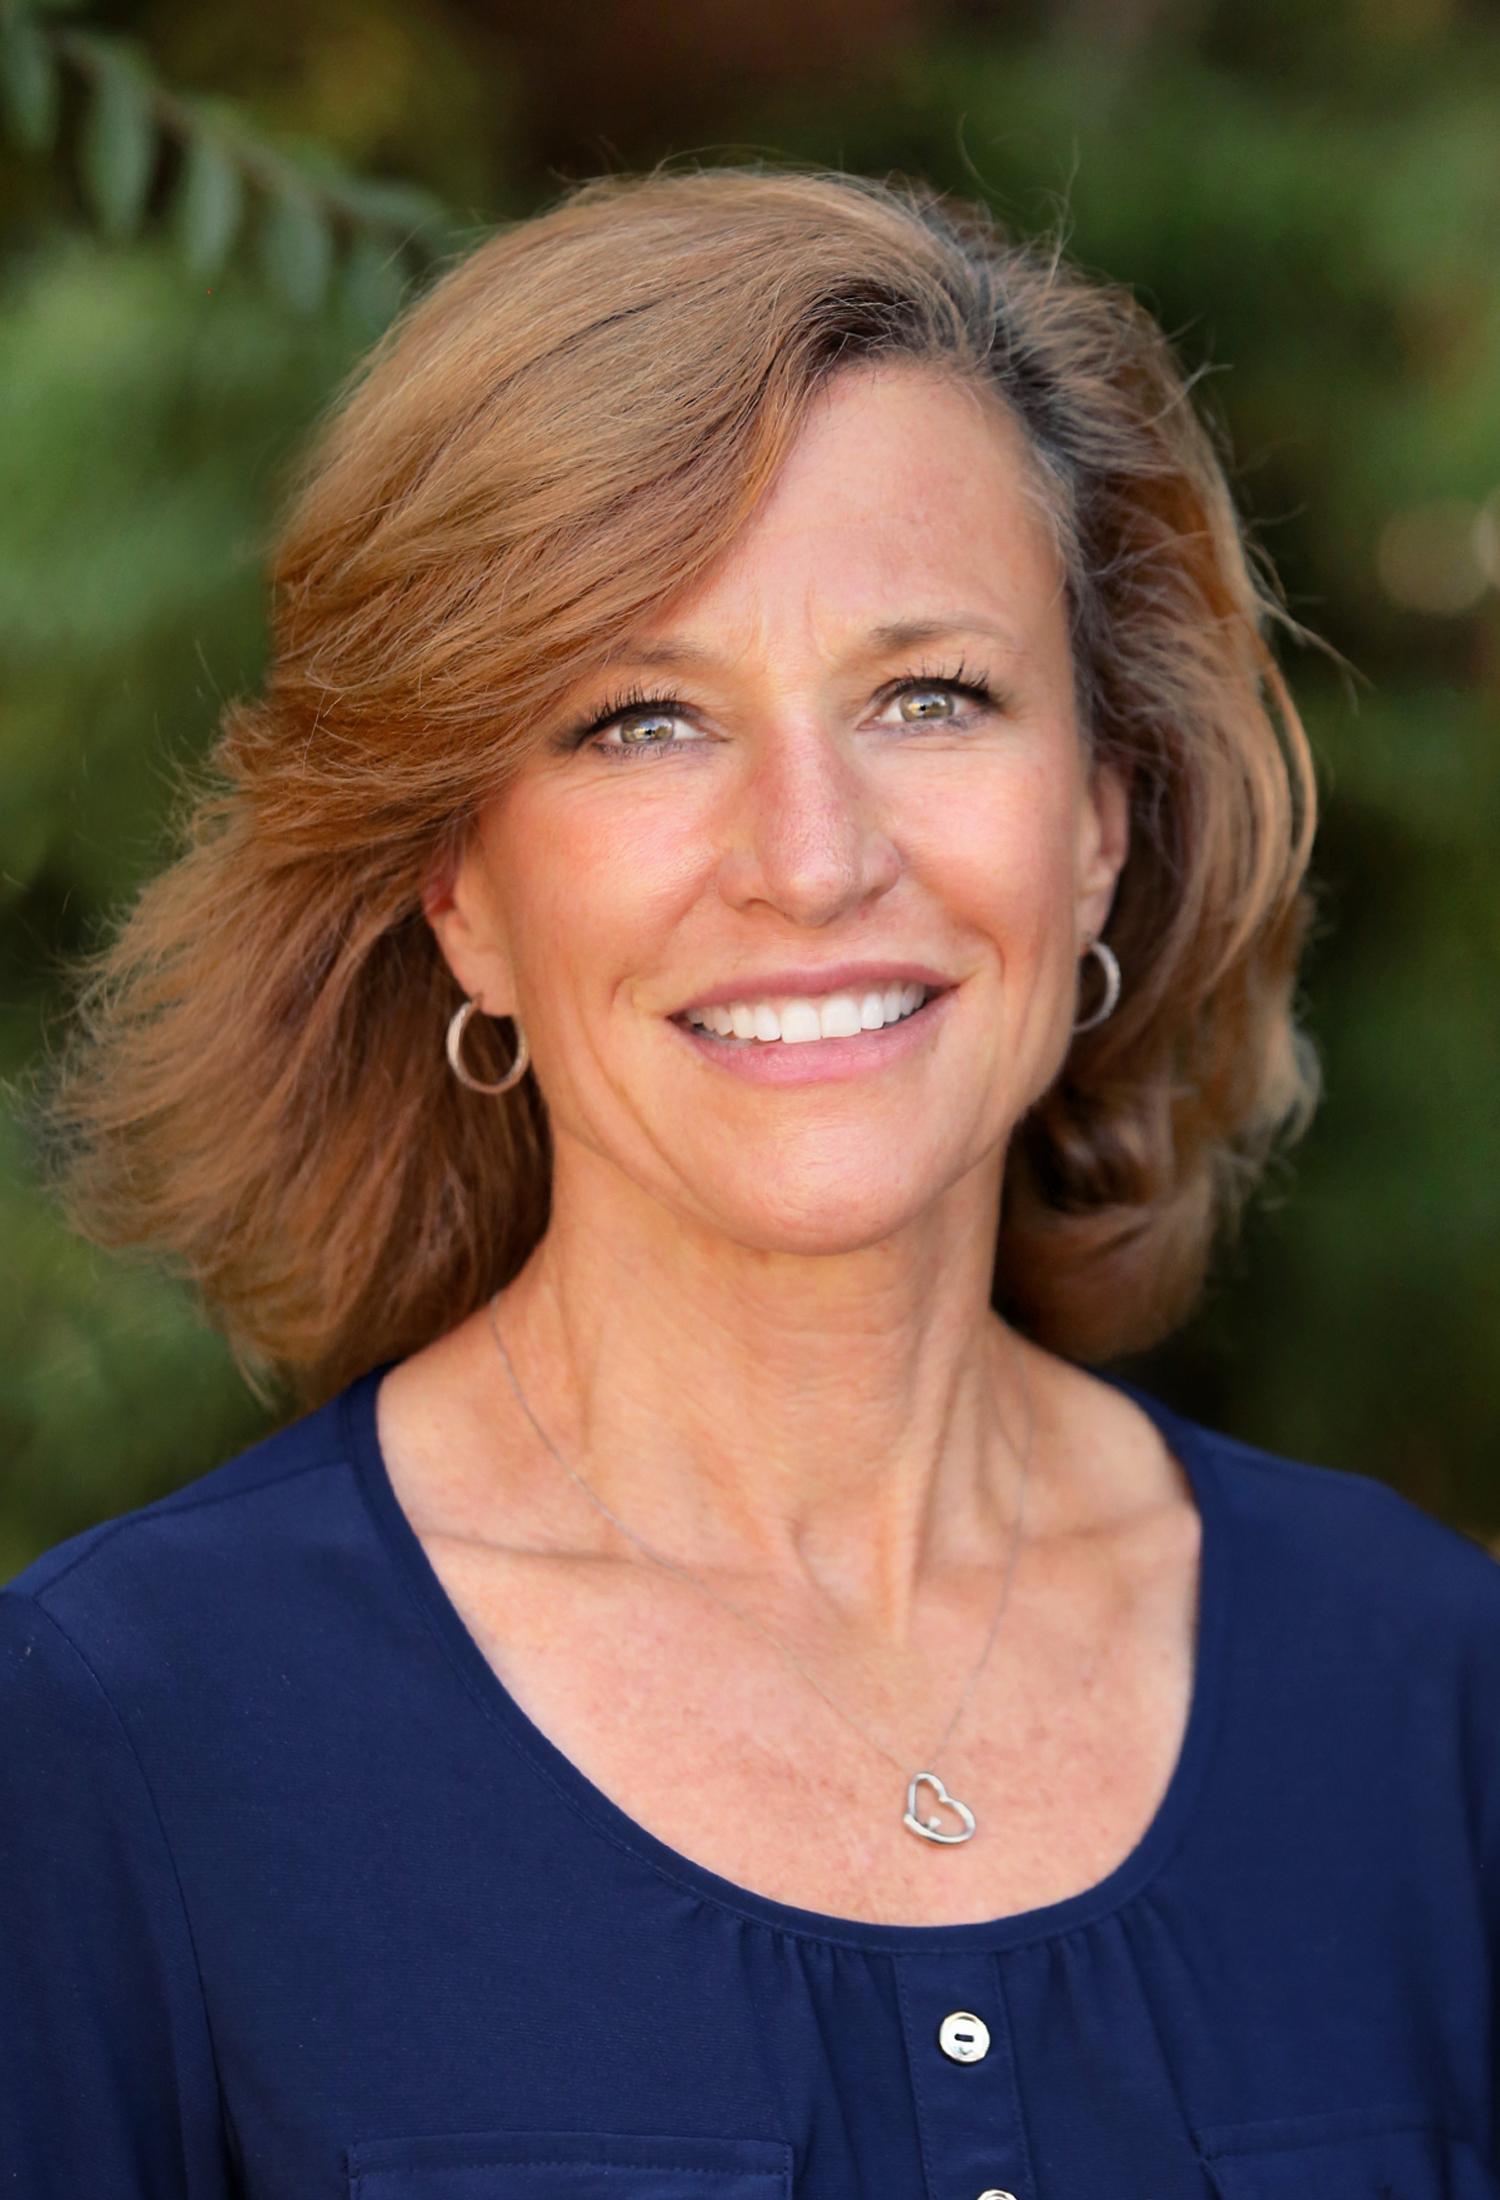 Margy Lyman